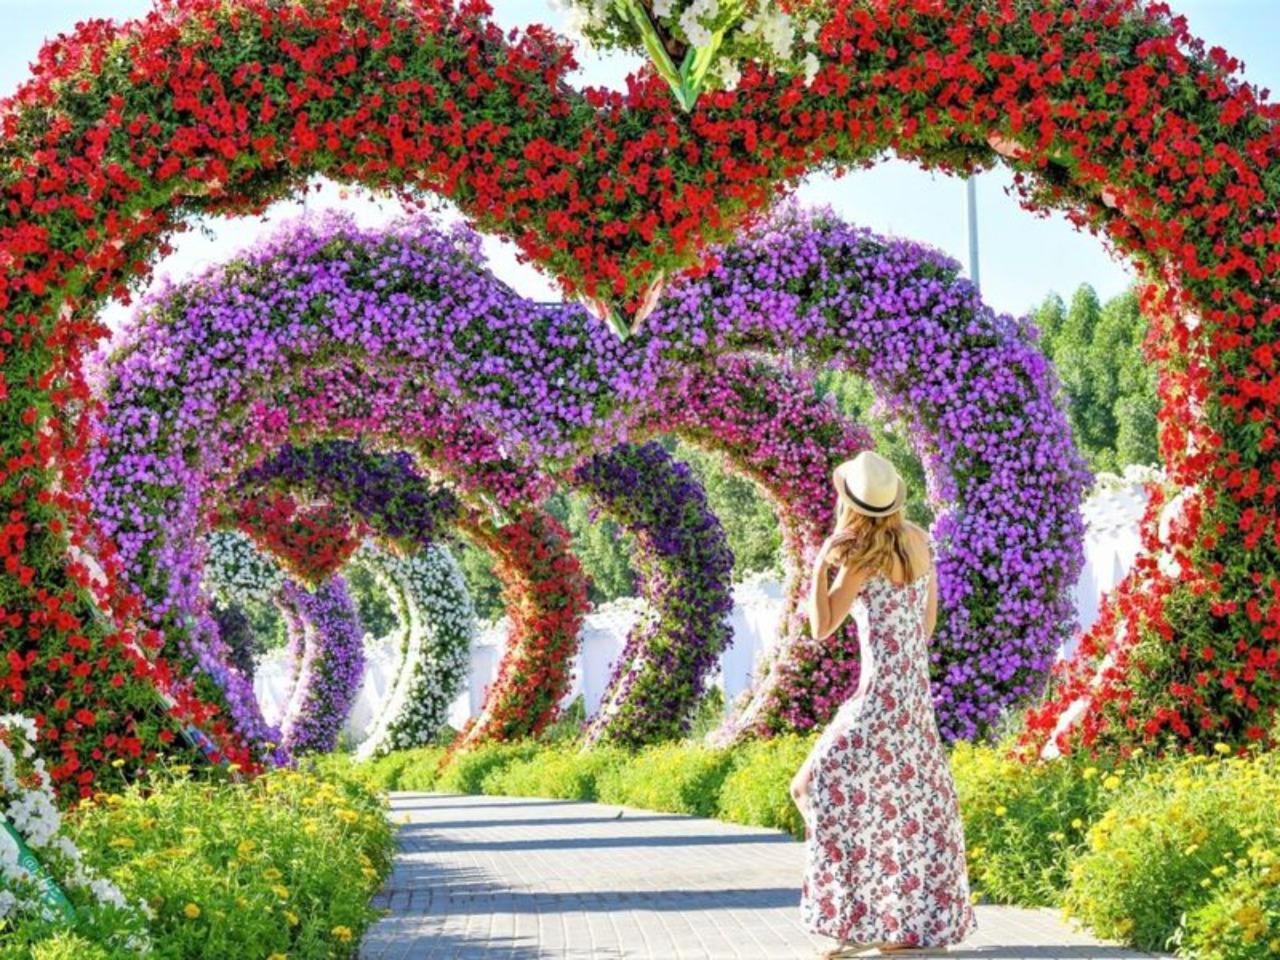 Парк Цветов — Dubai Miracle Garden - индивидуальная экскурсия в Дубае от опытного гида